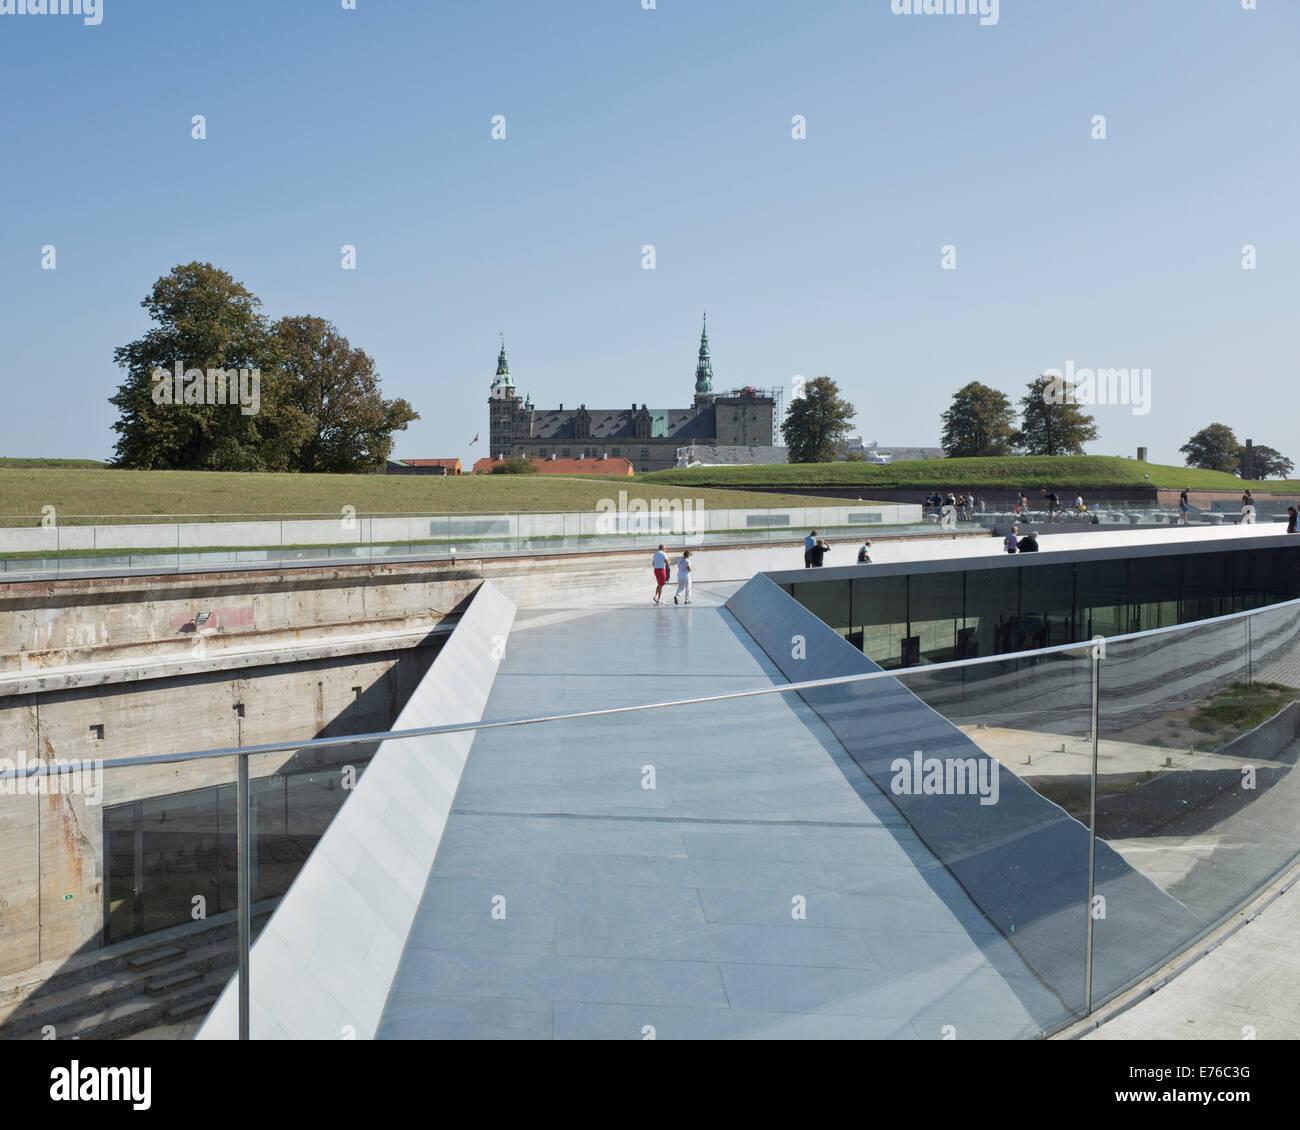 The M/S Maritime Museum of Denmark in Helsingør, Denmark. Kronborg castle in the background. Stock Photo